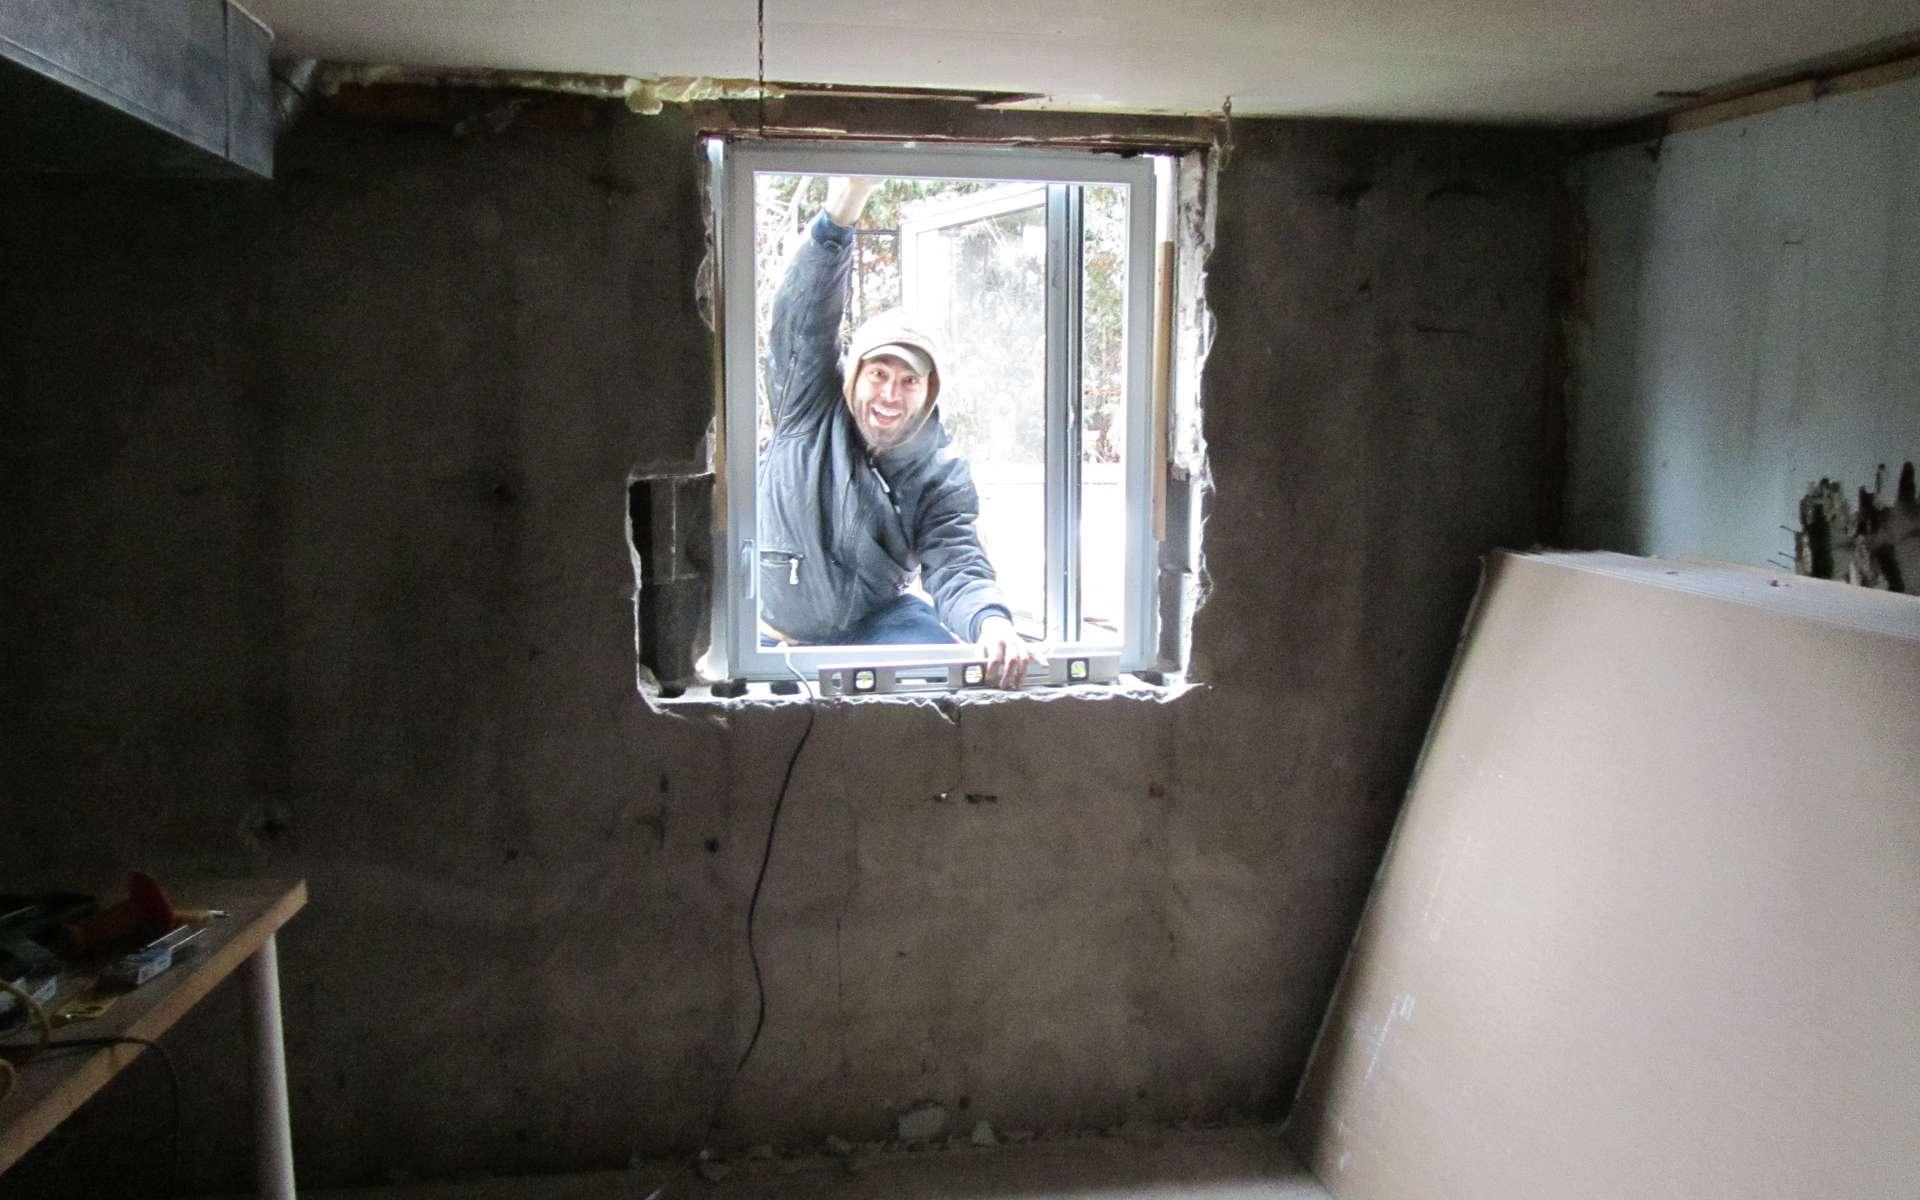 Si elle n'a plus d'utilité, il est possible de boucher une fenêtre. © m.gifford, Flickr, CC BY-SA 2.0